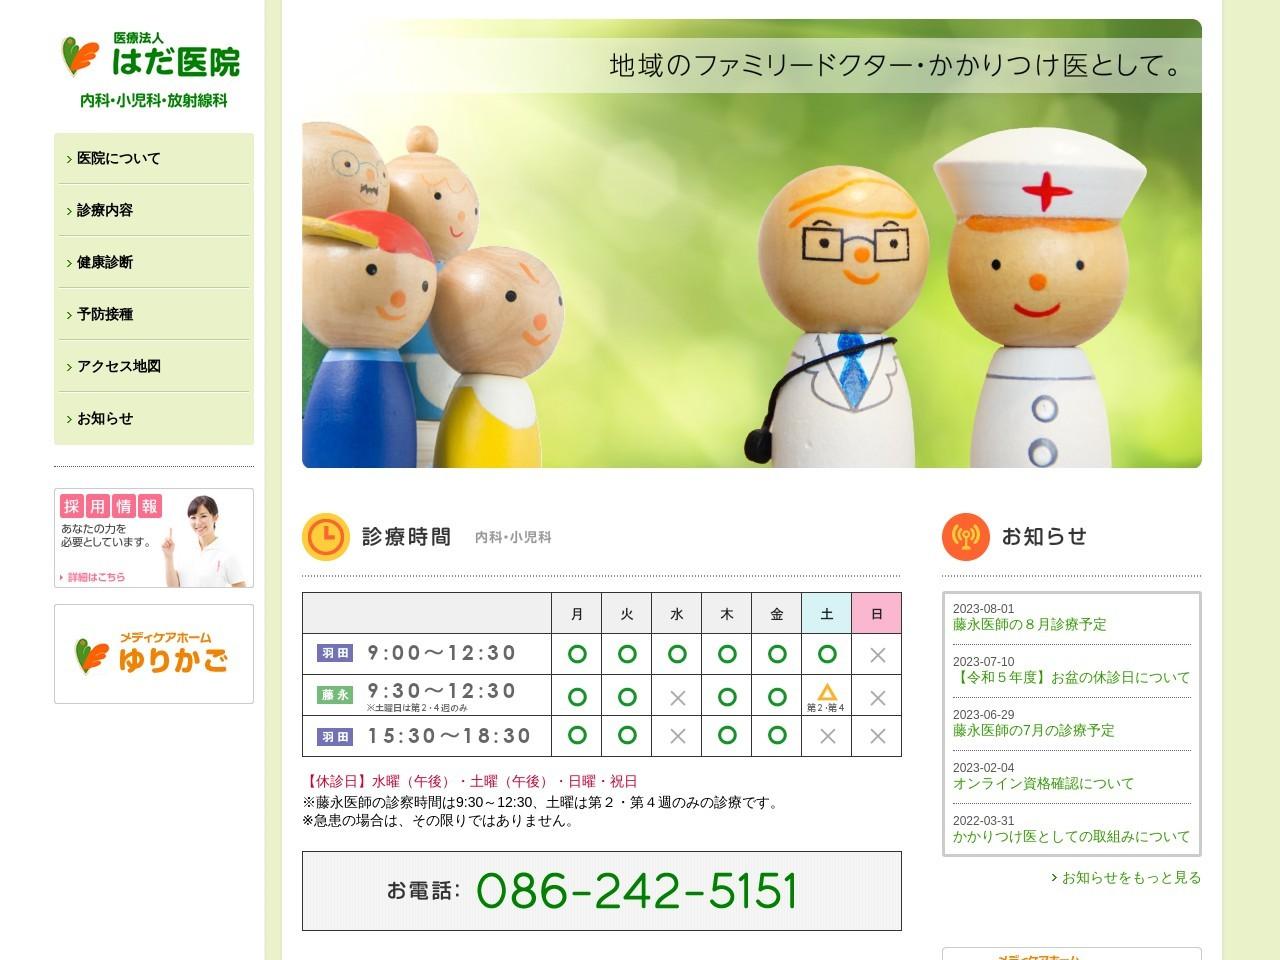 はだ医院(岡山市大元の内科・小児科・在宅診療)